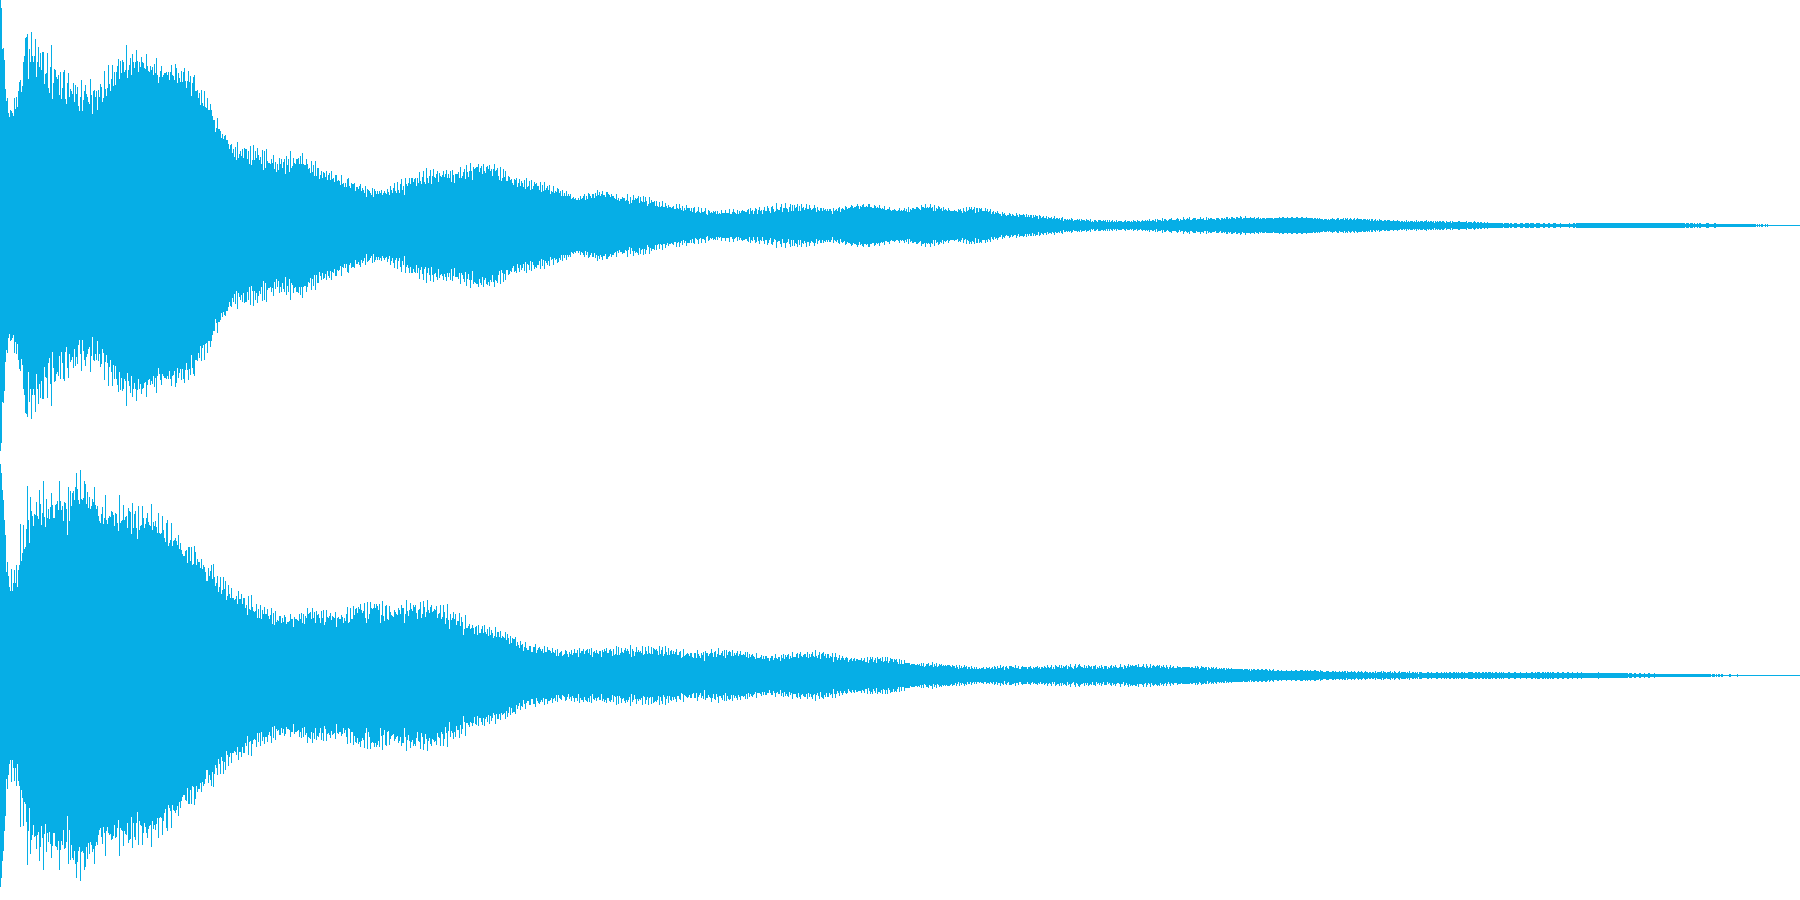 ギャグシーン(あちゃーという感じ)の再生済みの波形